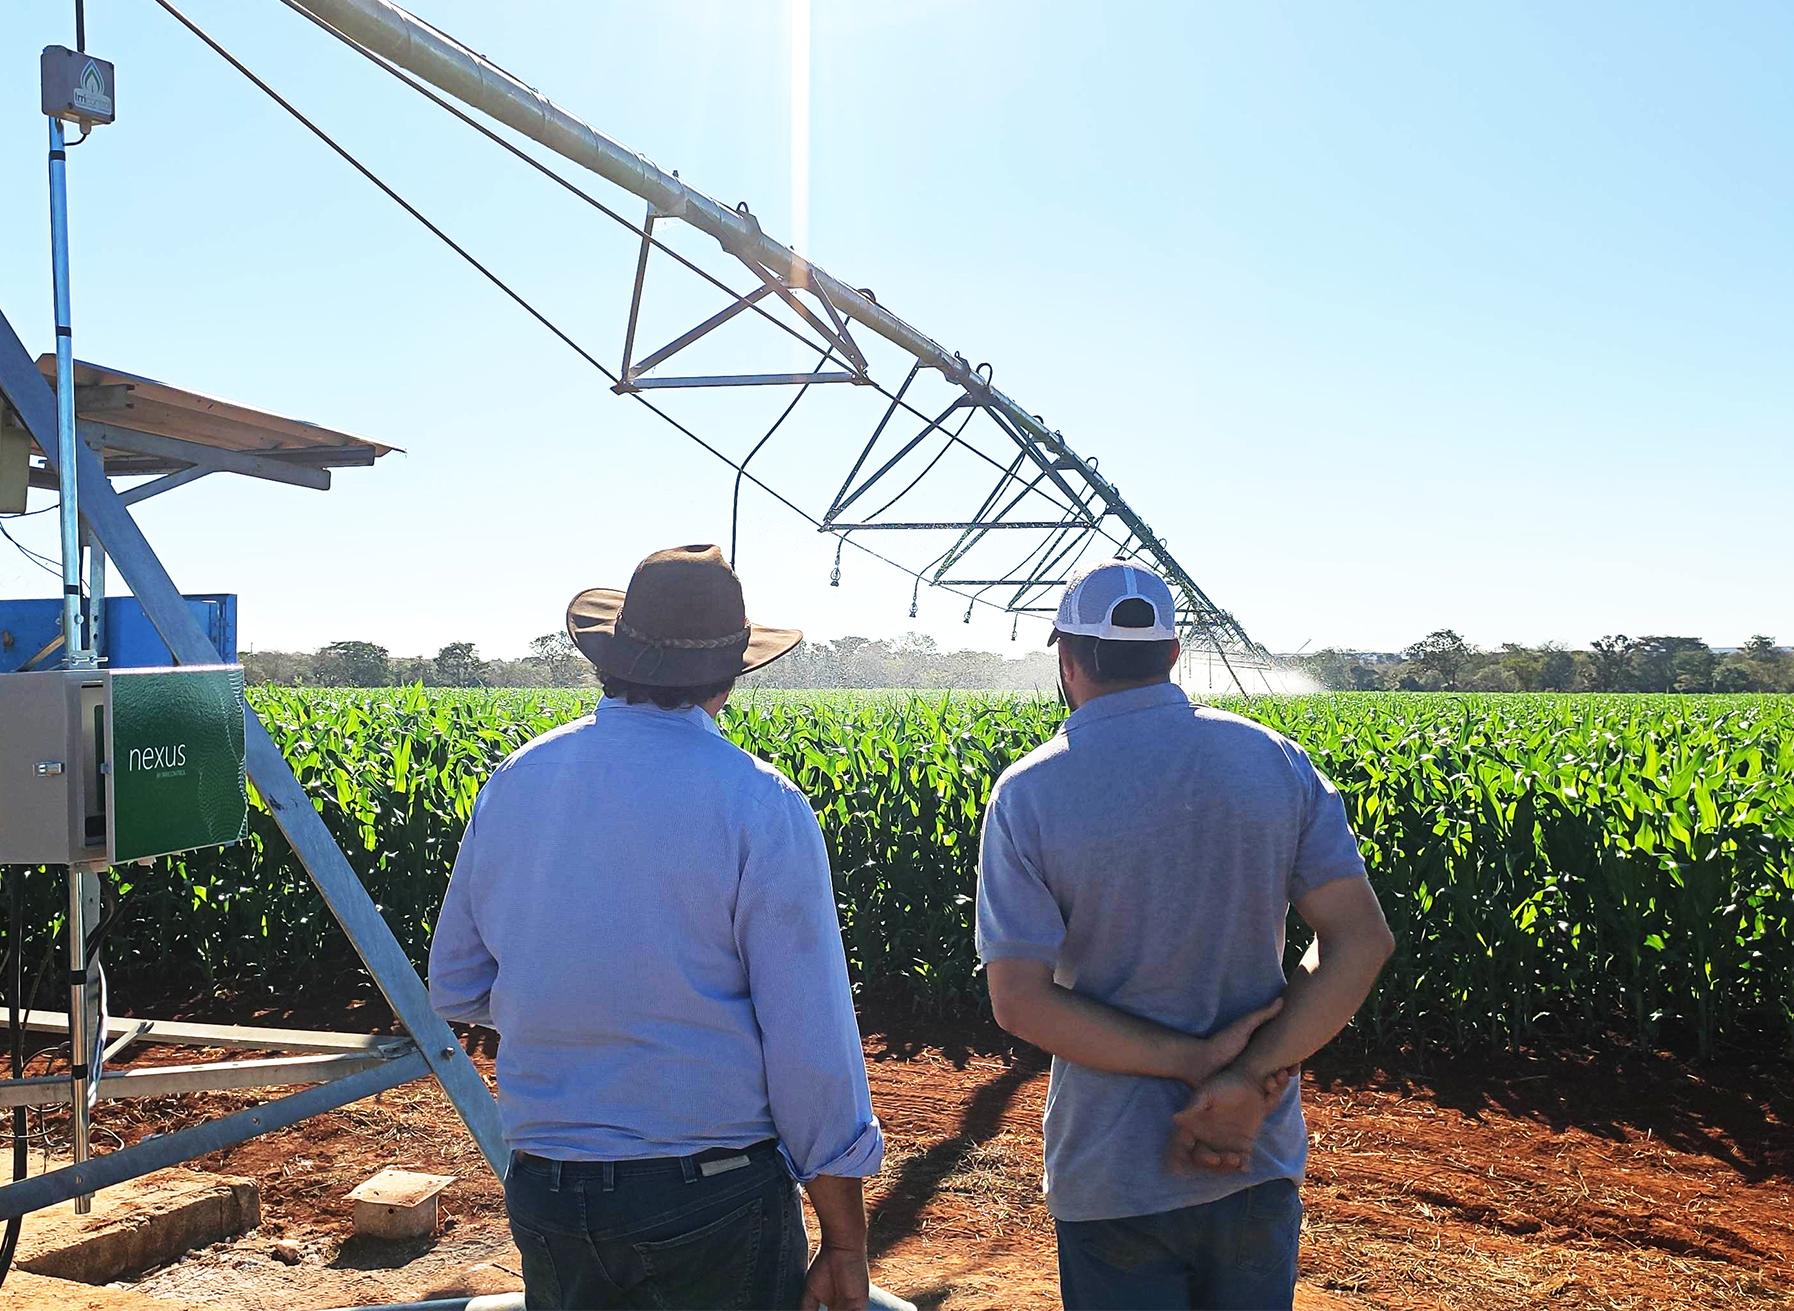 Fazendeiro e revendedor observam o pivô irrigar após instalação do Nexus.